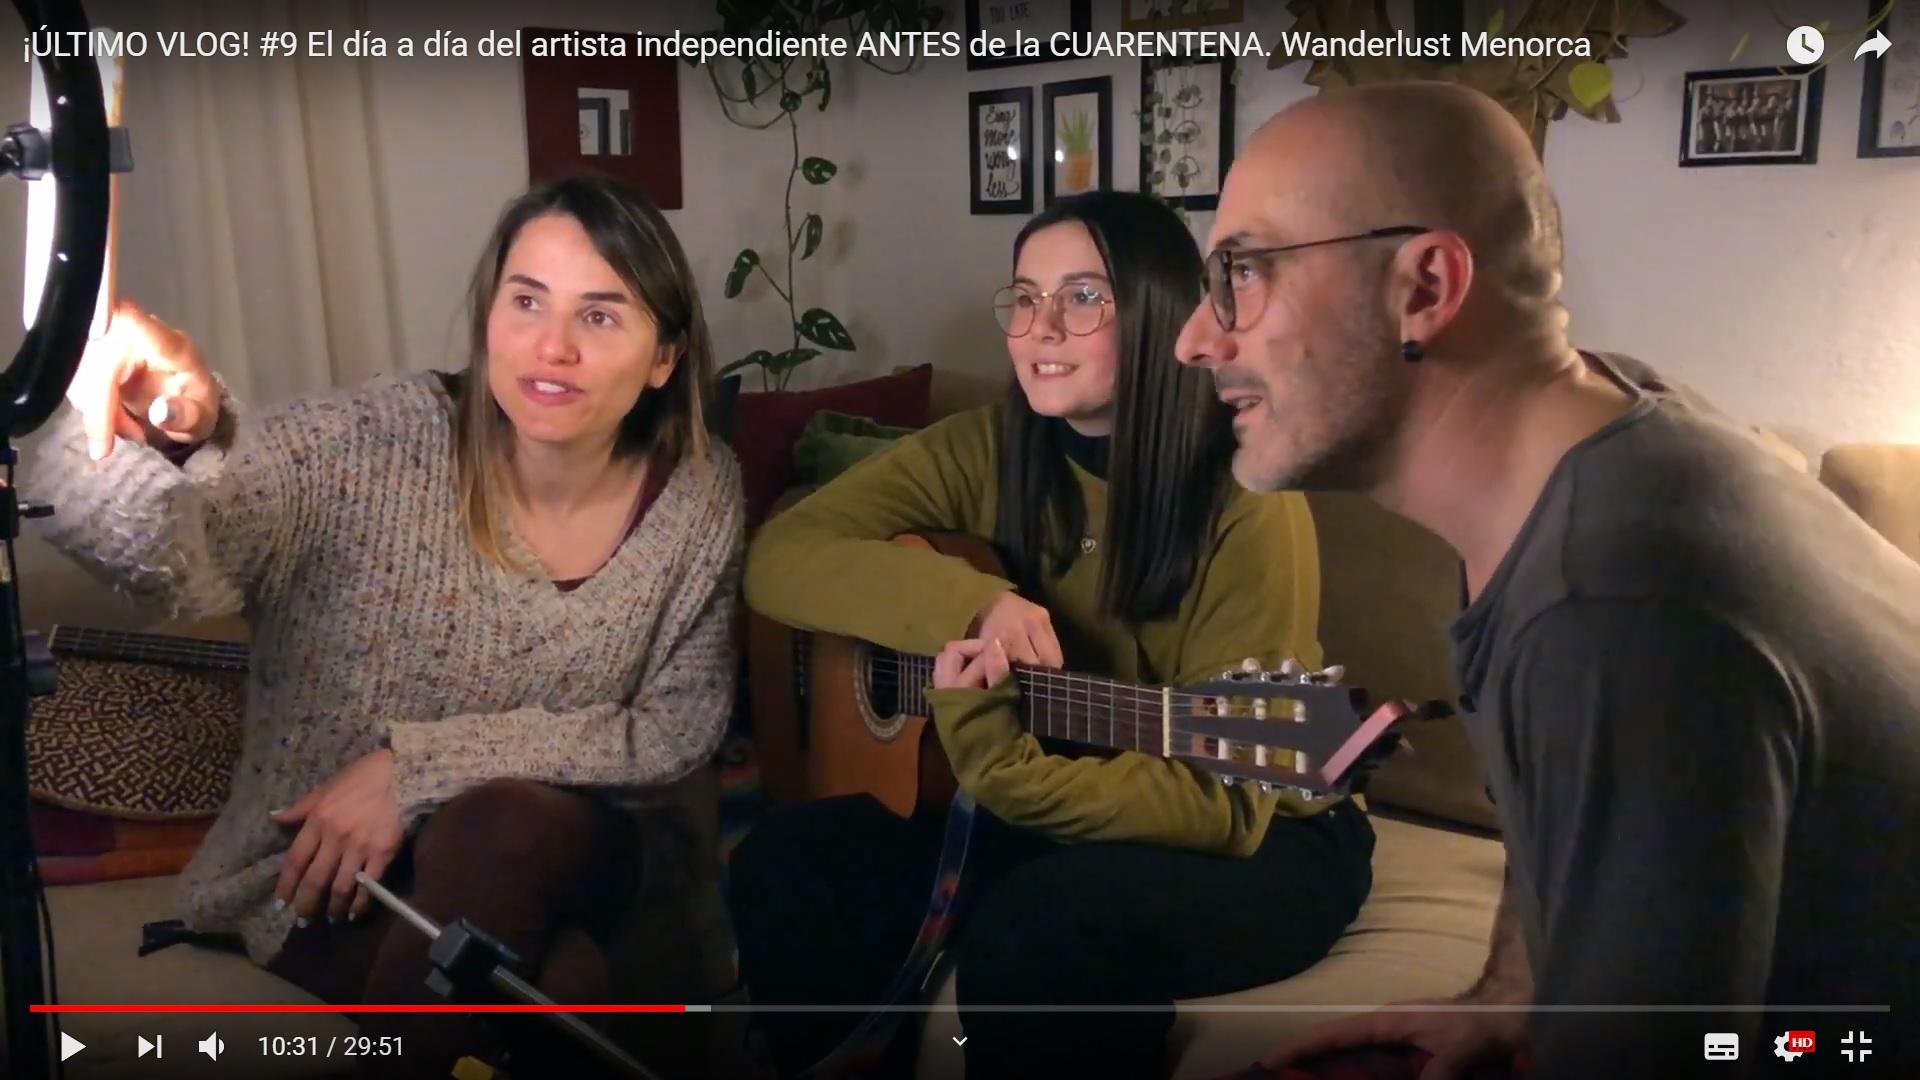 VLOG #9 El día a día del artista independiente ANTES de la CUARENTENA. Wanderlust Menorca